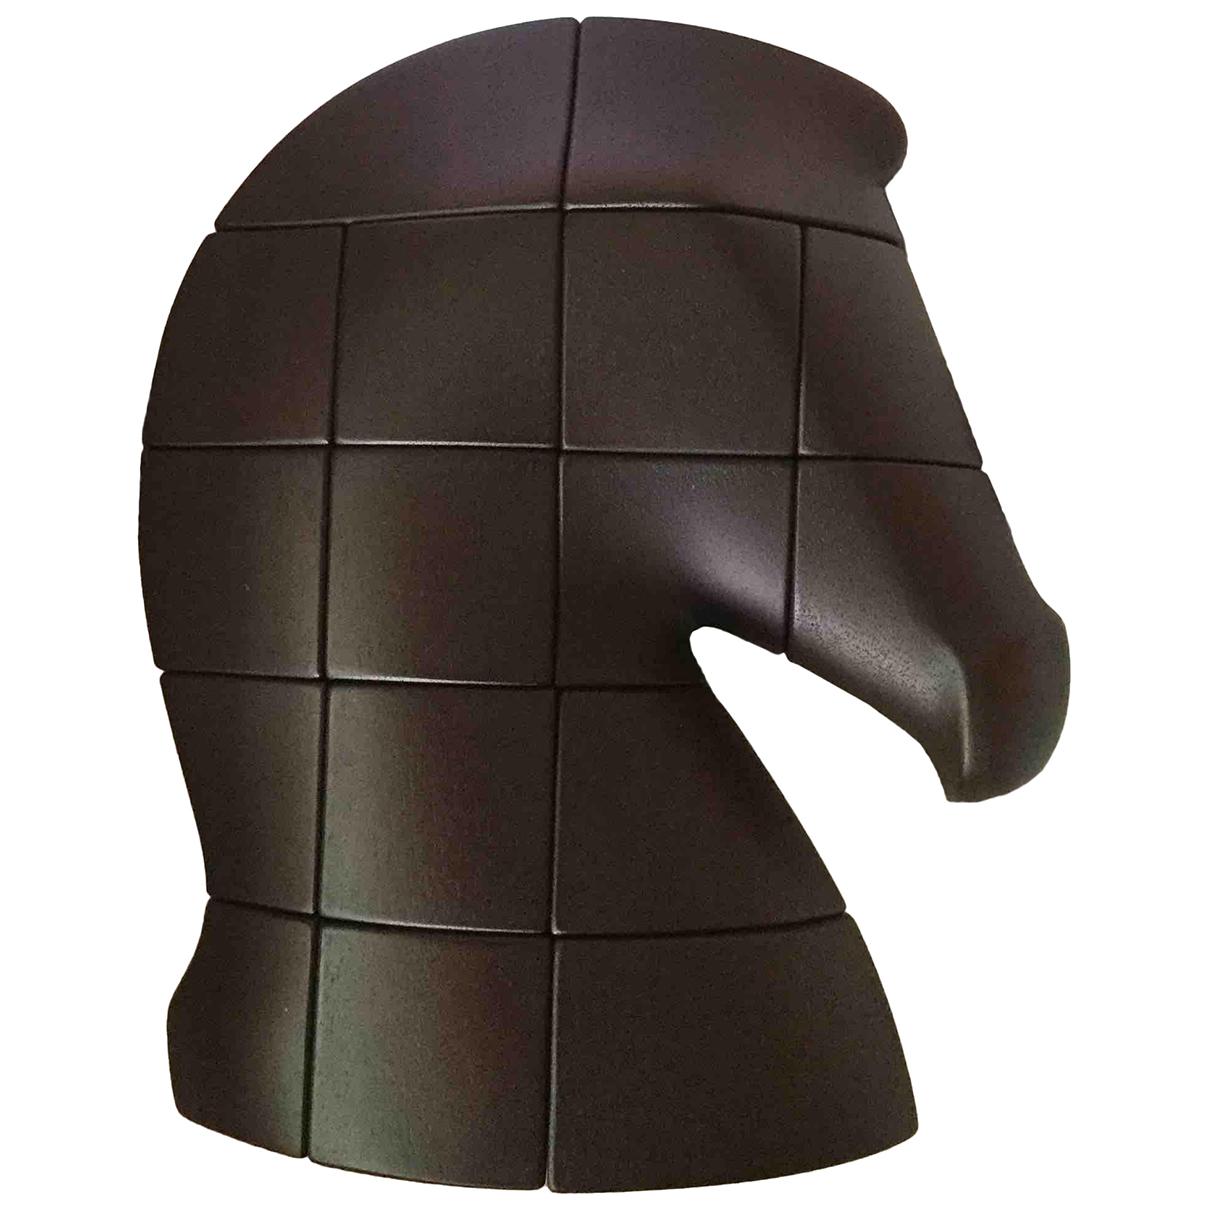 Hermes - Objets & Deco Samarcande pour lifestyle en bois - marron